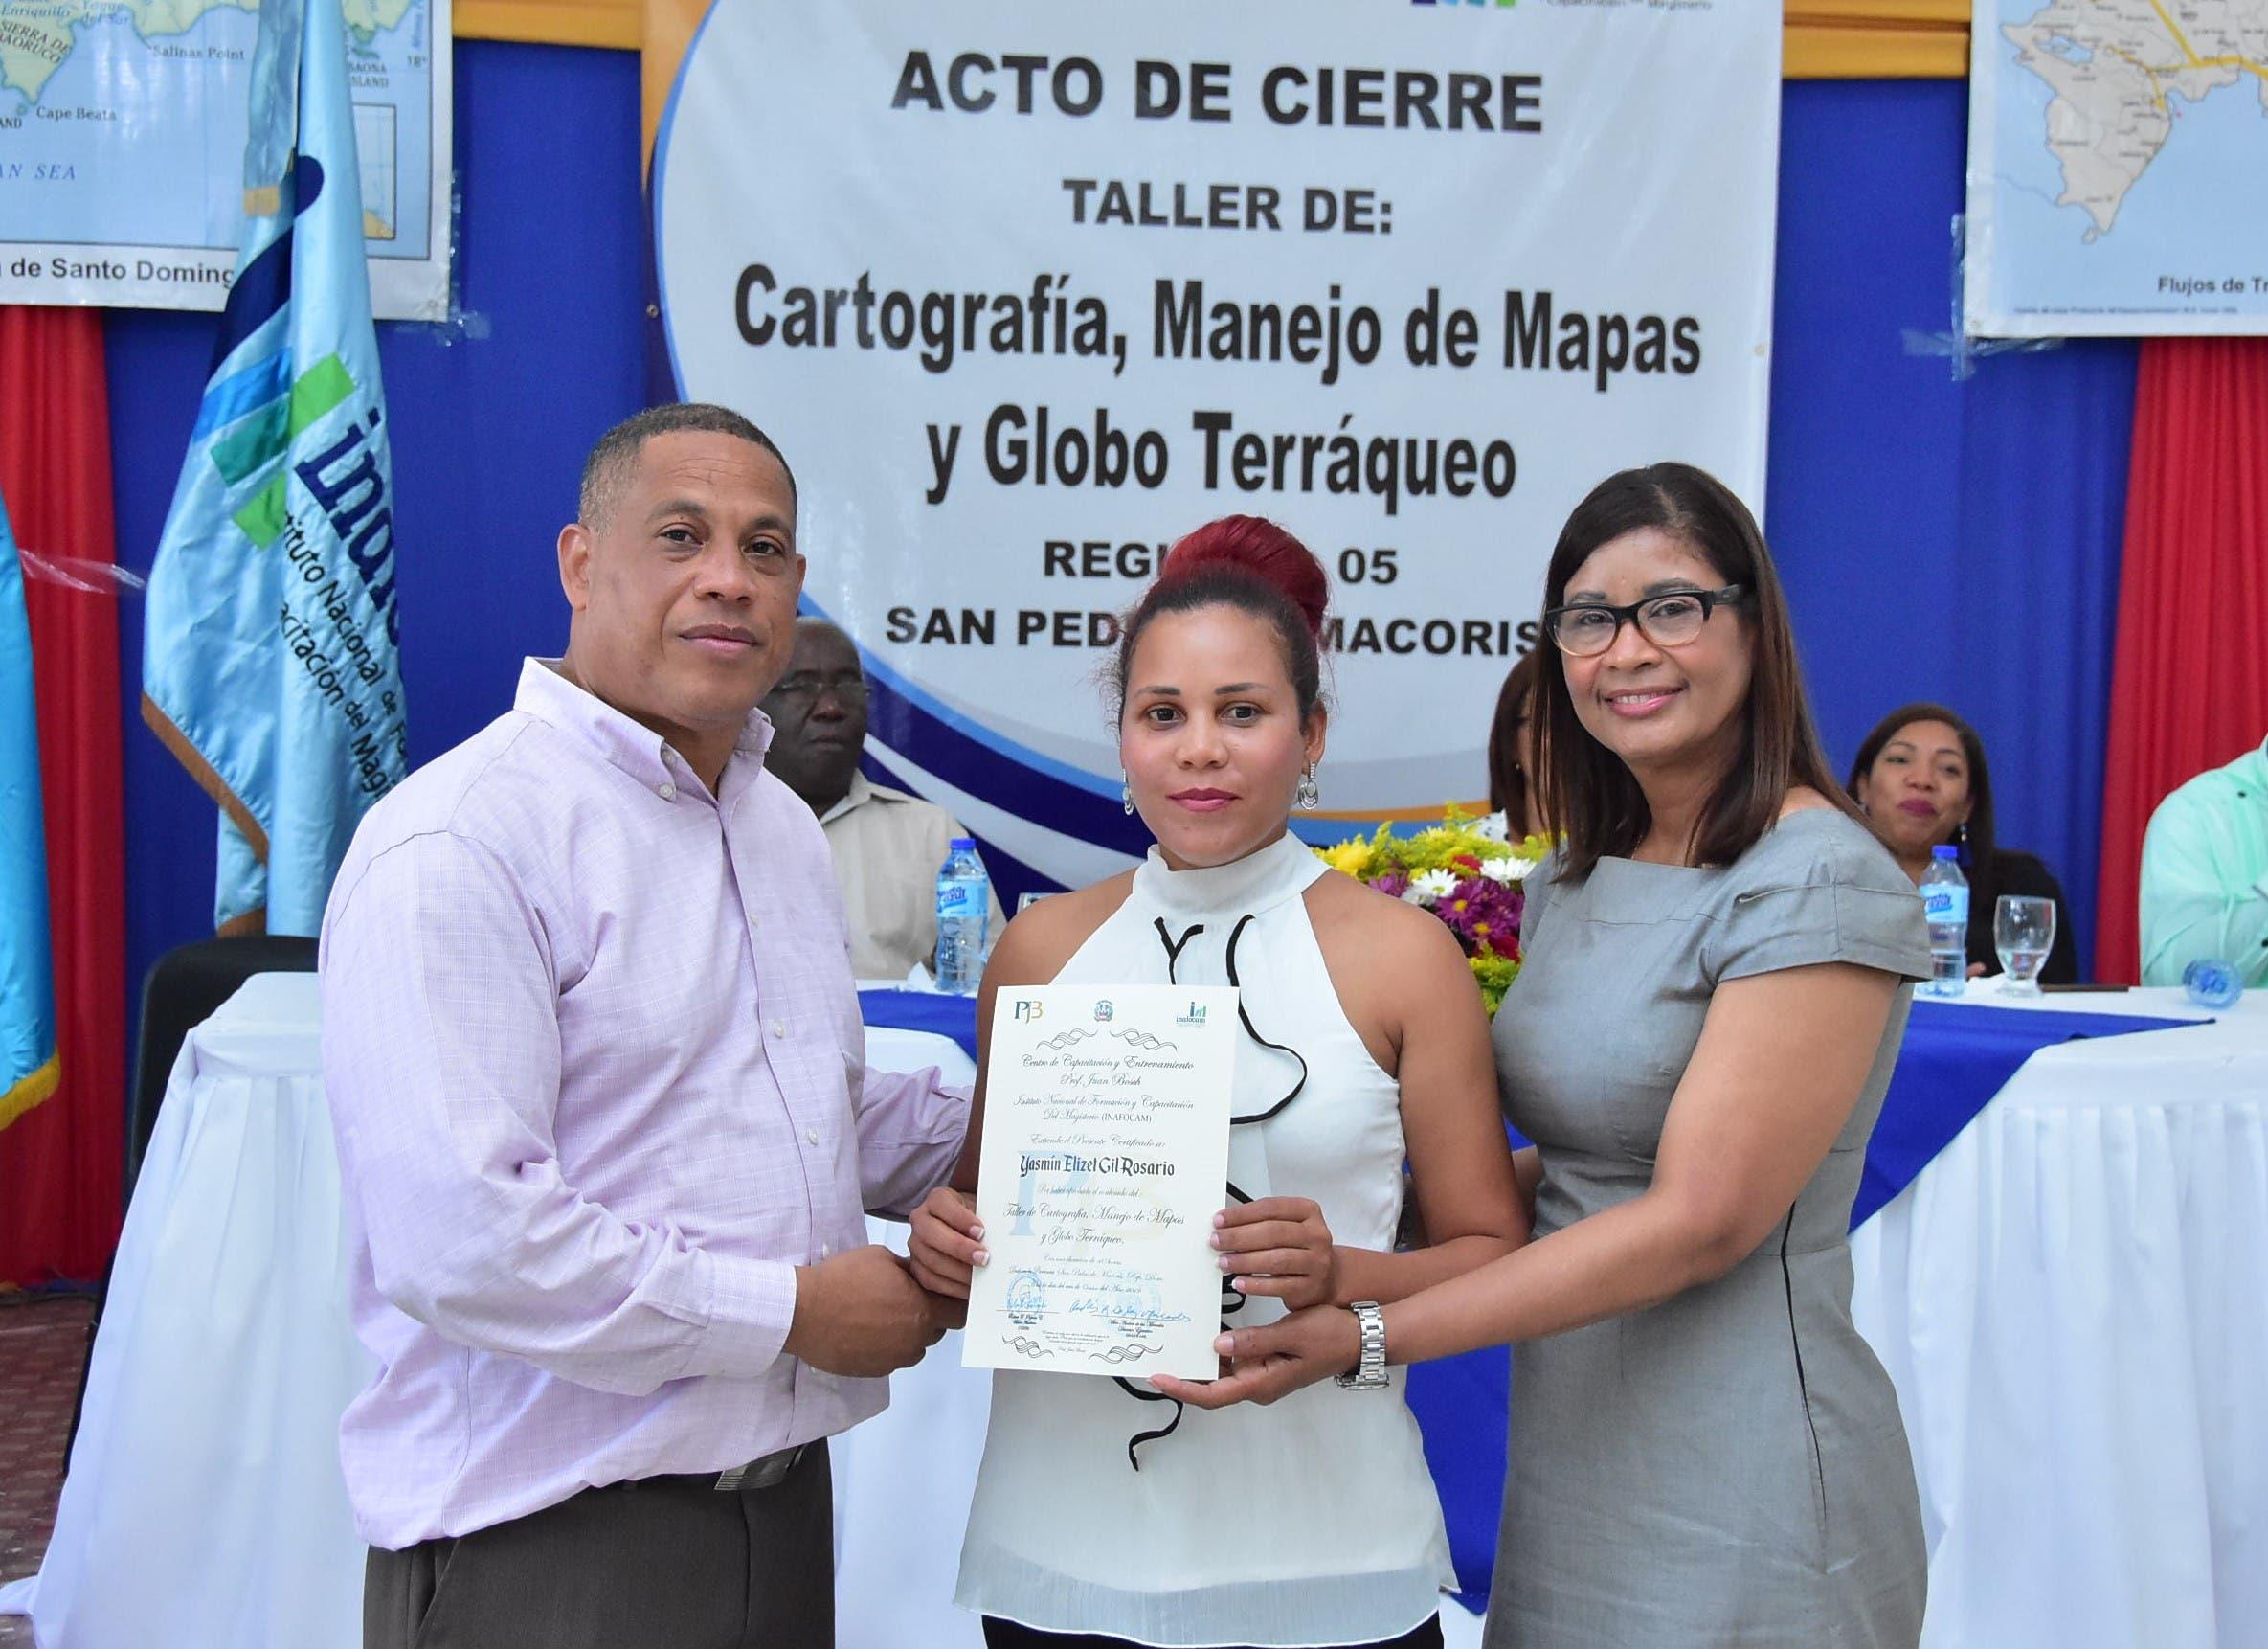 Inafocam y el CCEPJB certifican a docentes en cartografía, manejo de mapas y globo terráqueo